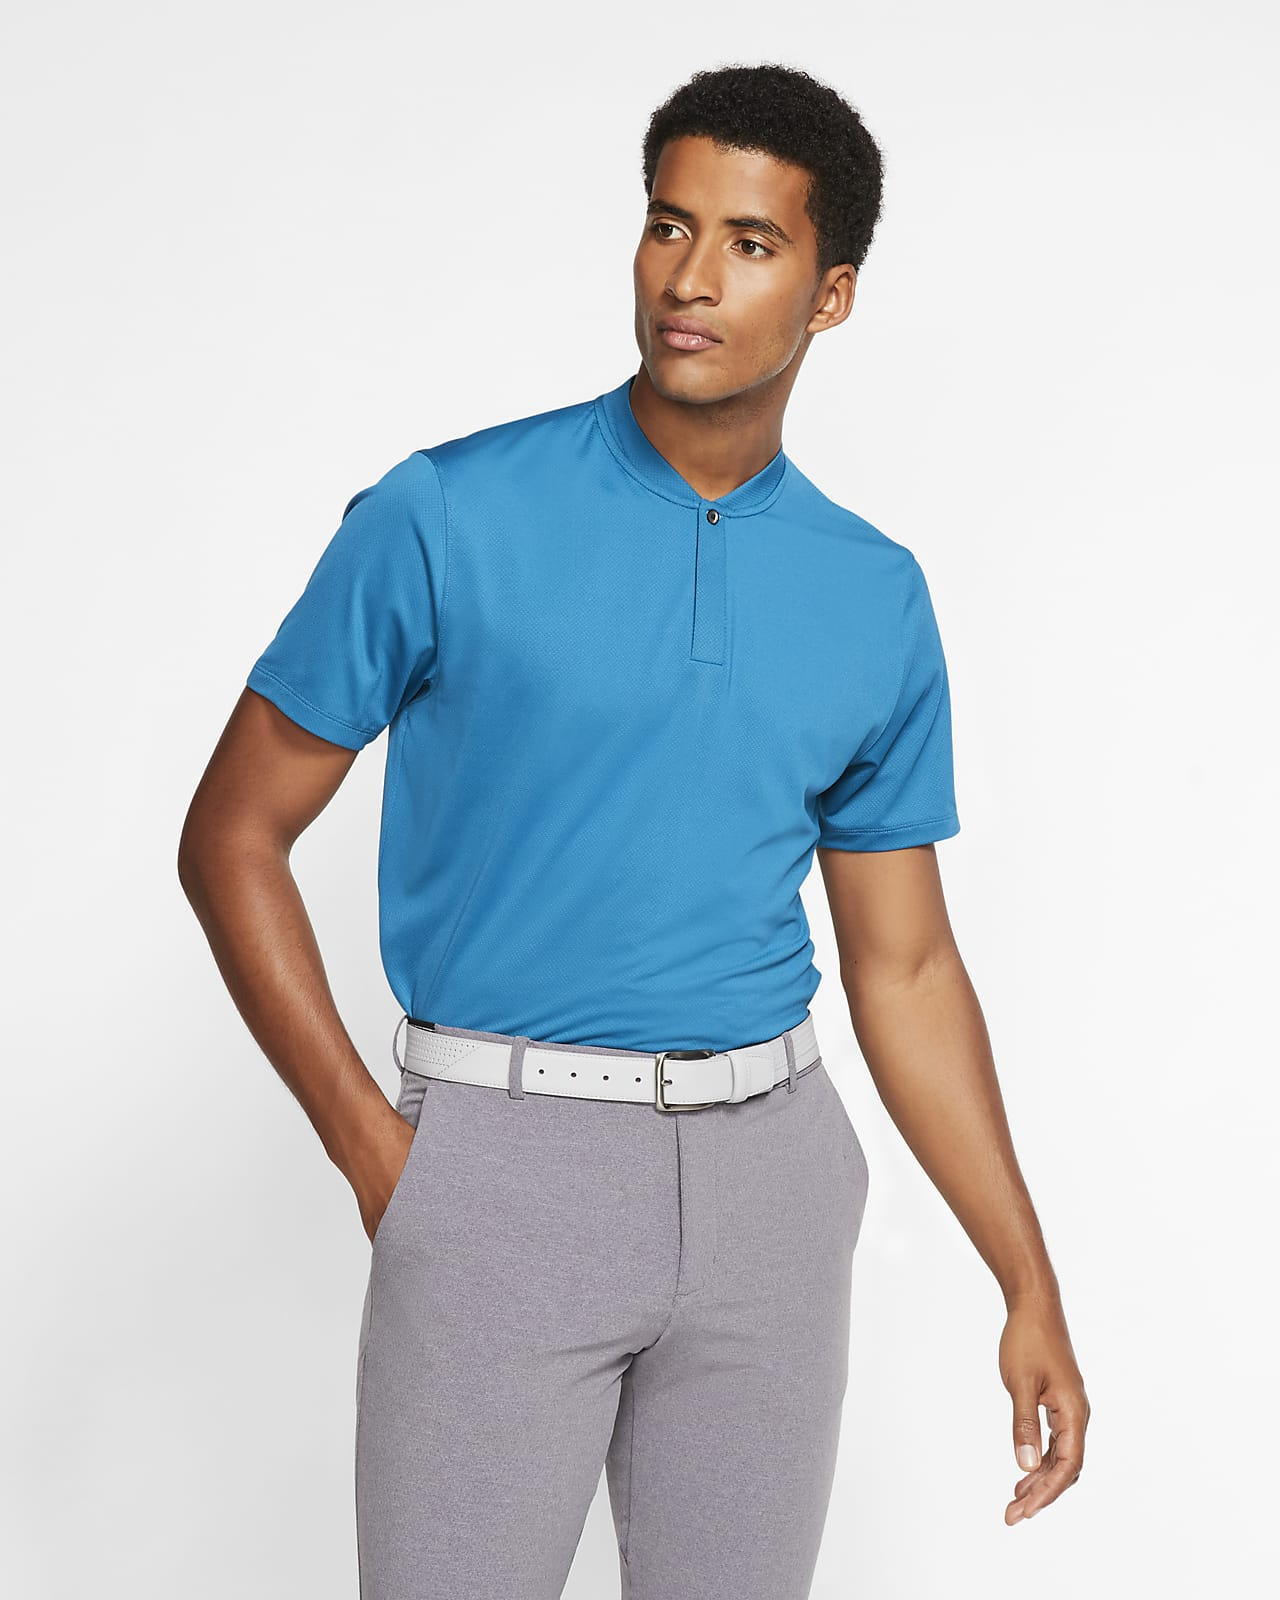 Nike Dri-FIT Tiger Woods golfskjorte til herre